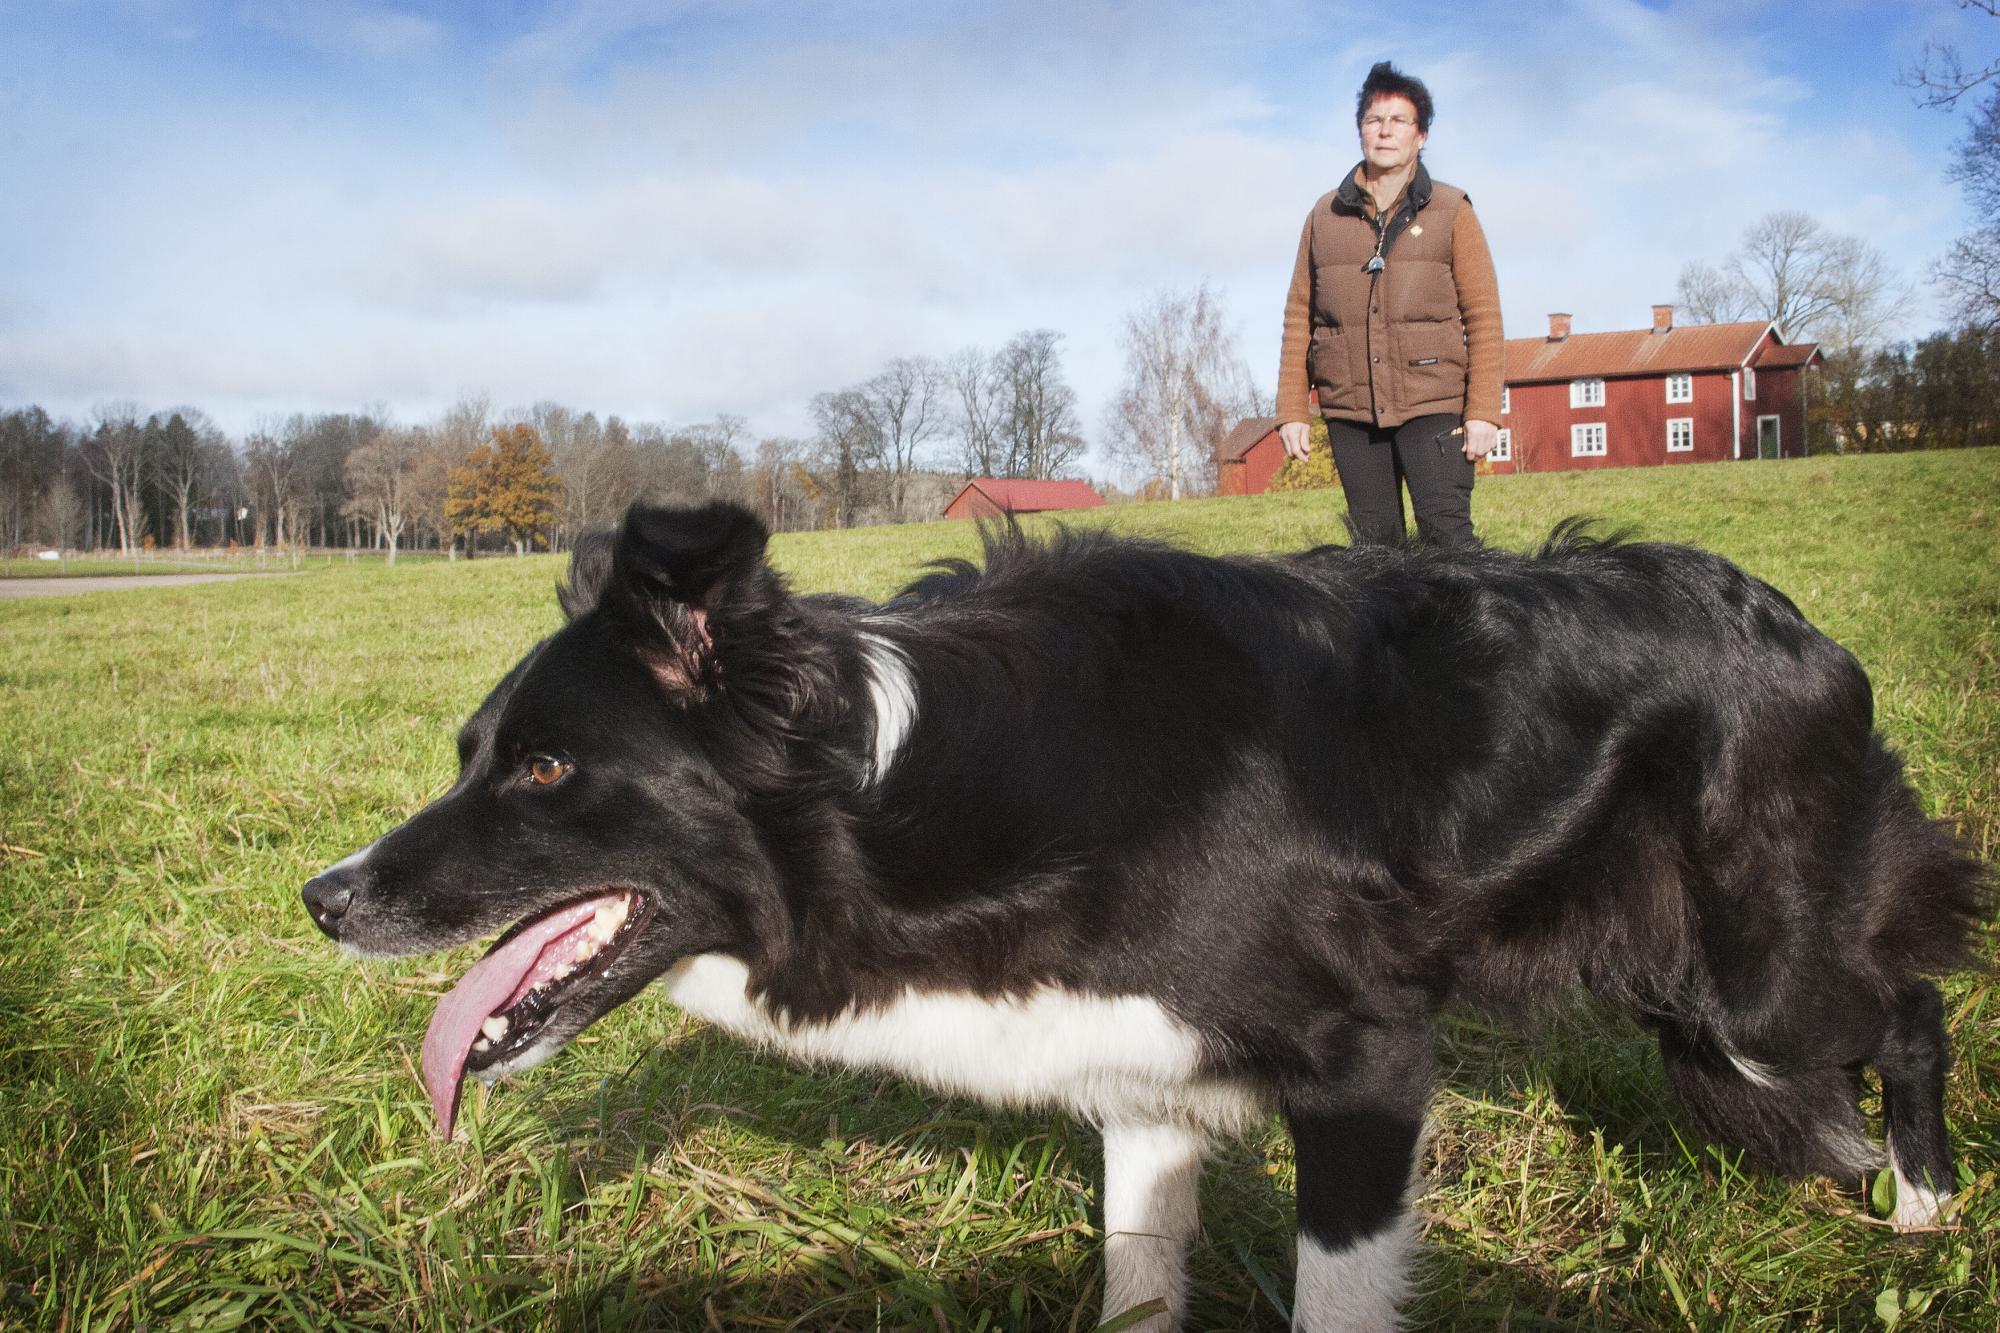 <span>Många förare till hundar som tränat och tävlat lydnad blir förskräckta när de ska valla och lydnaden är som bortblåst.</span>